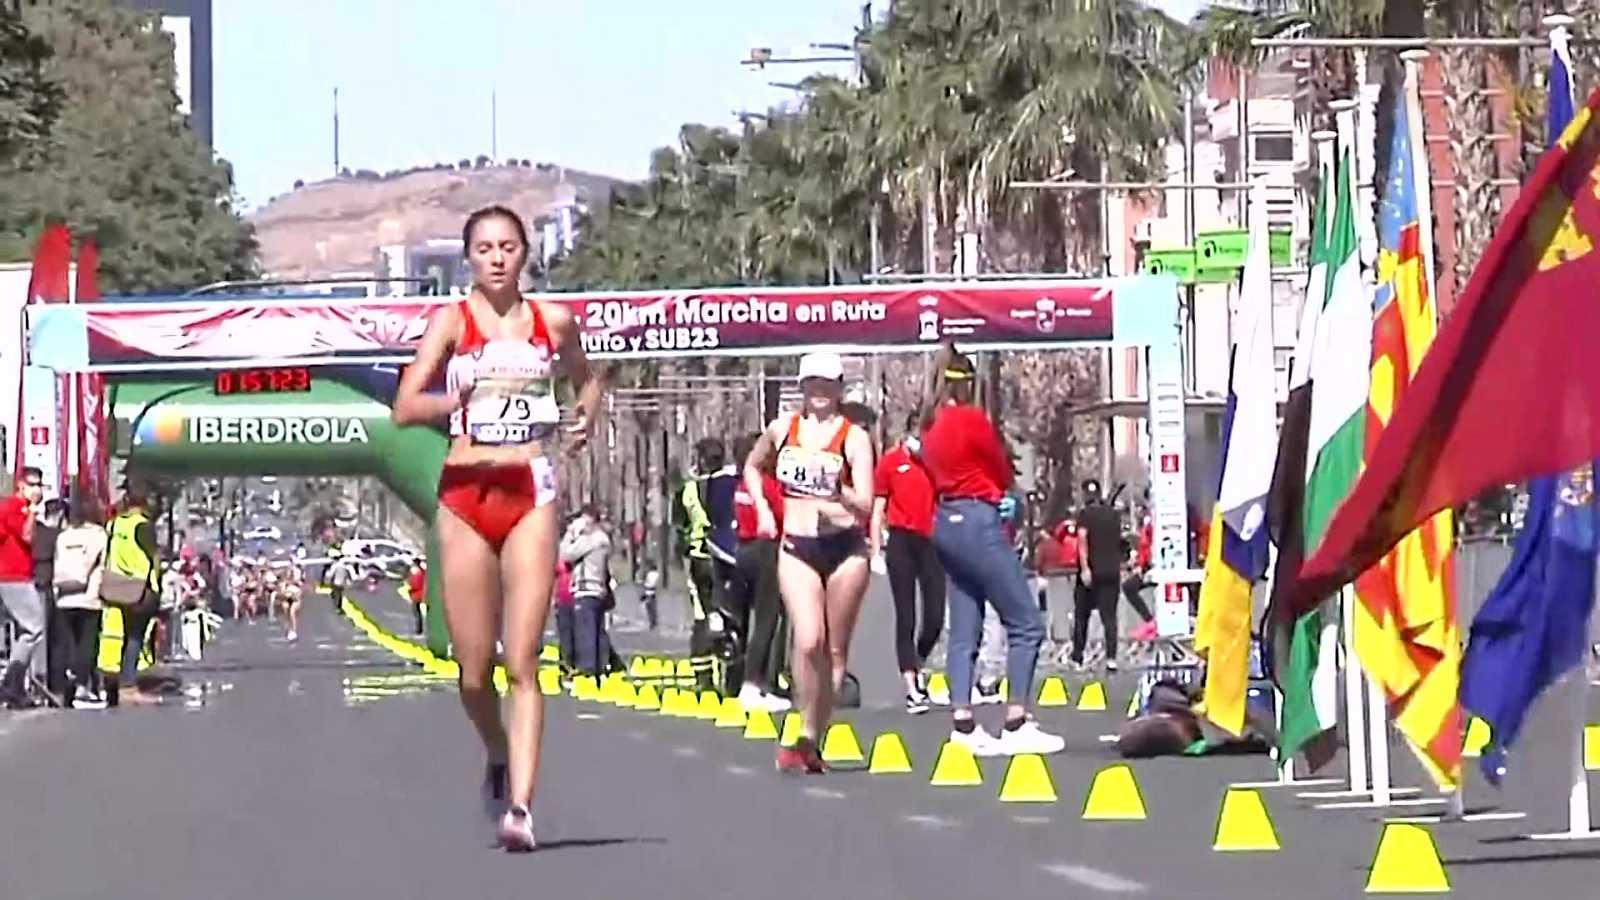 Atletismo - Campeonato de España de Marcha 20 Km absoluto y SUB-23 - ver ahora